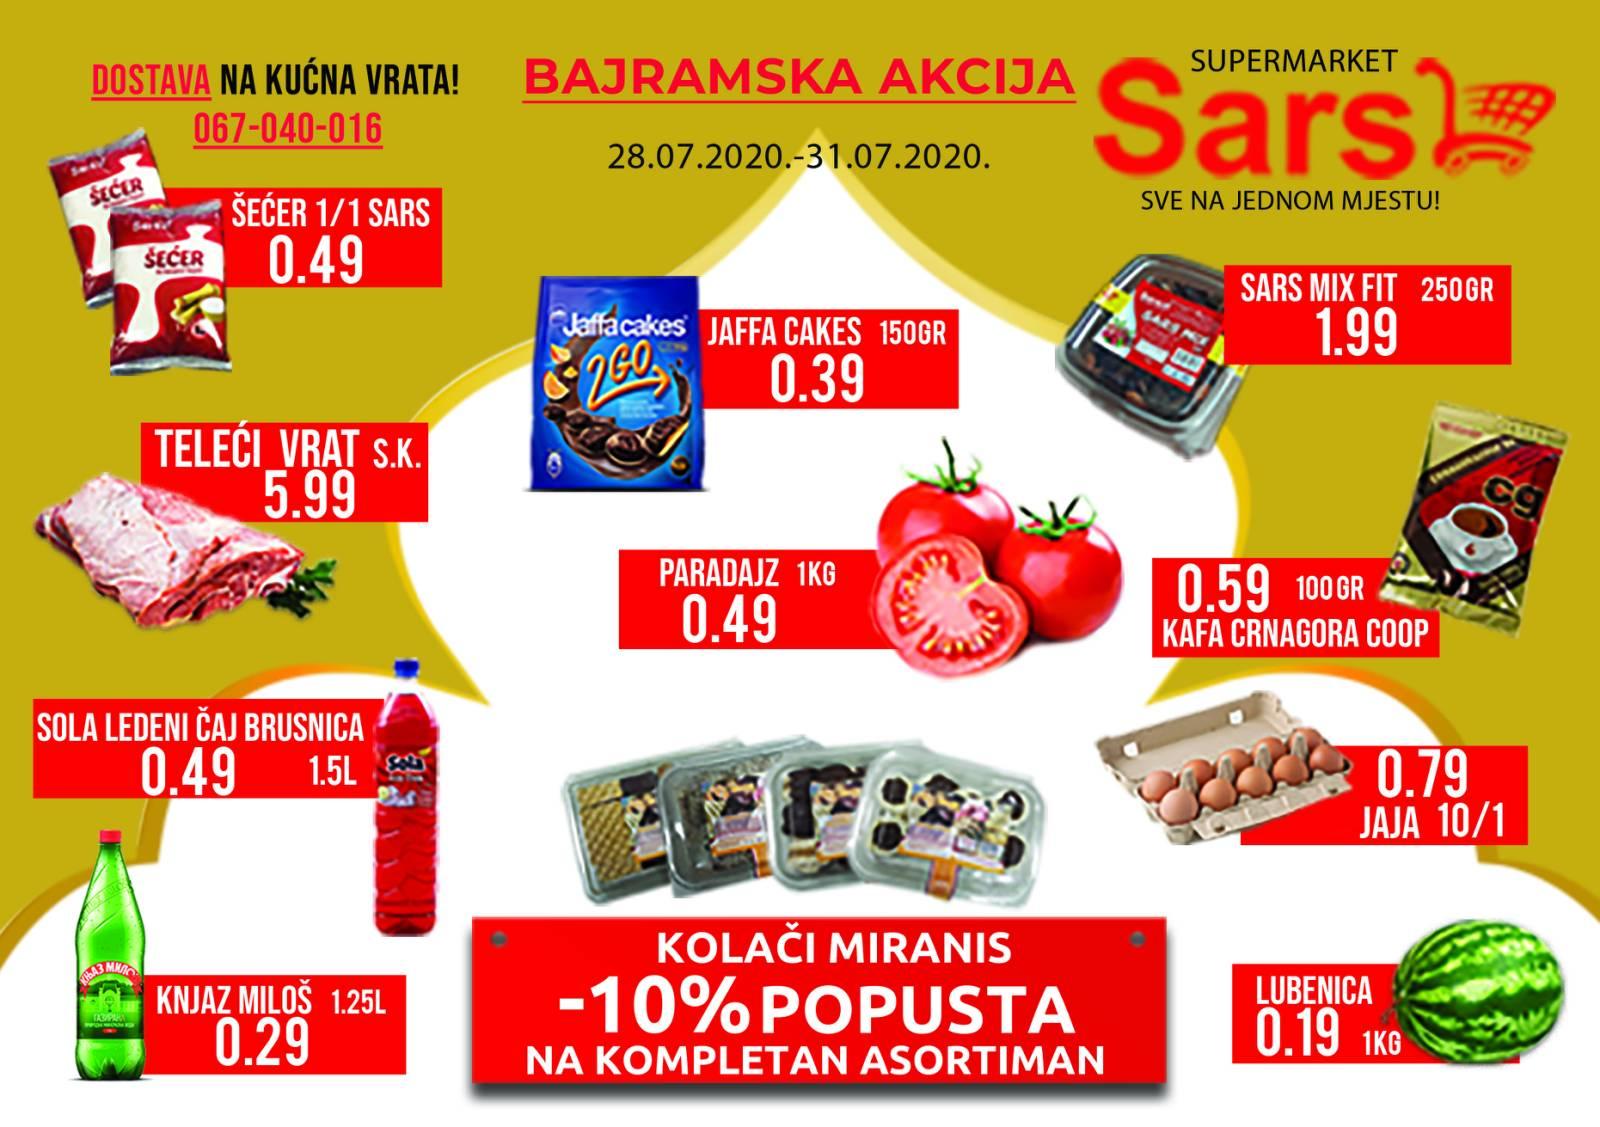 Sars 1 (45)